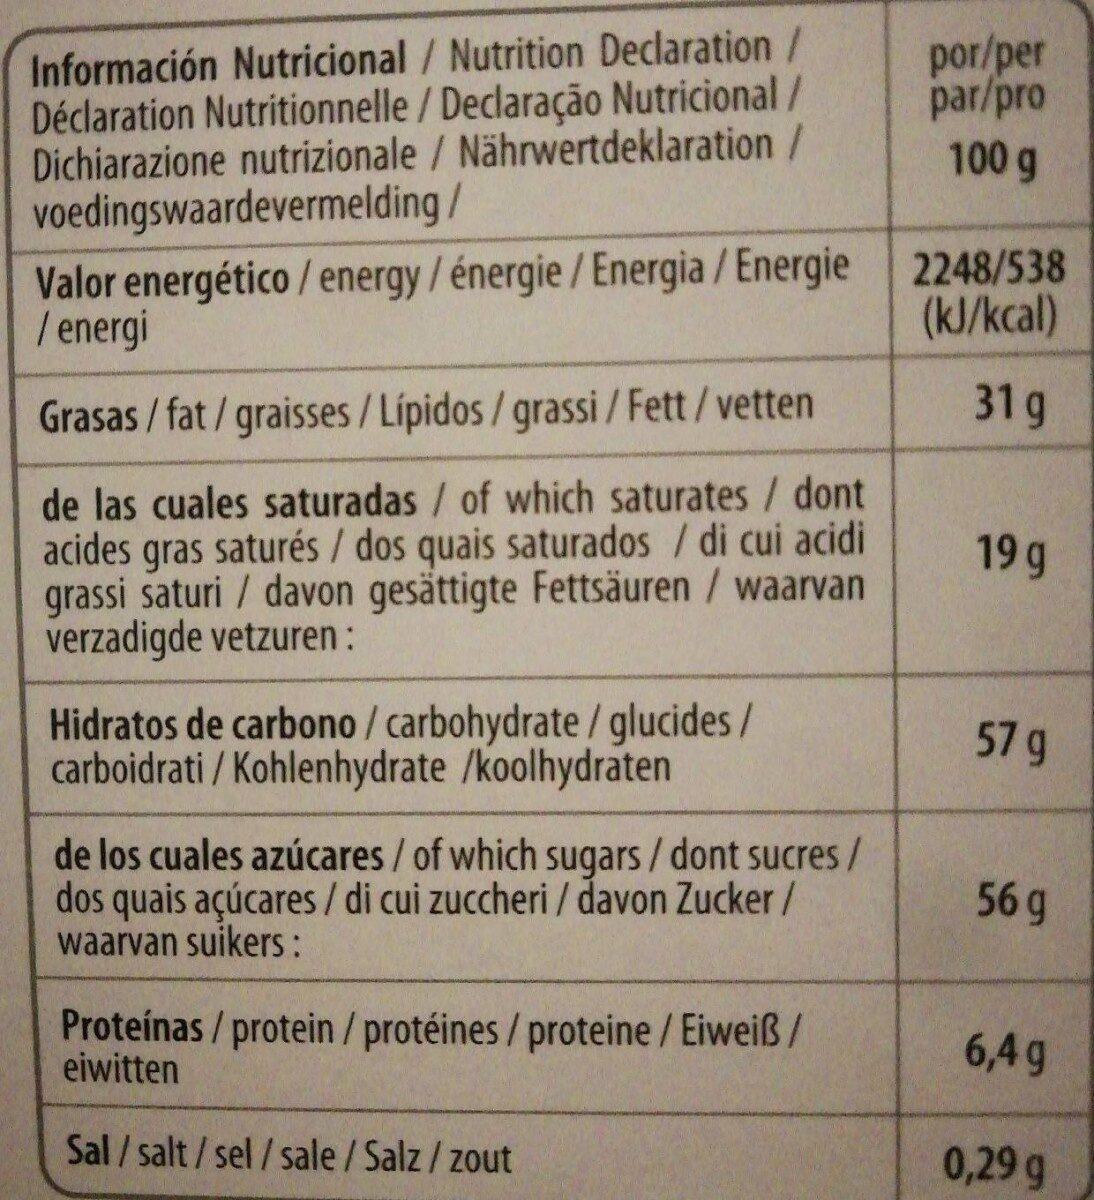 Calendario de adviento con chocolate - Informations nutritionnelles